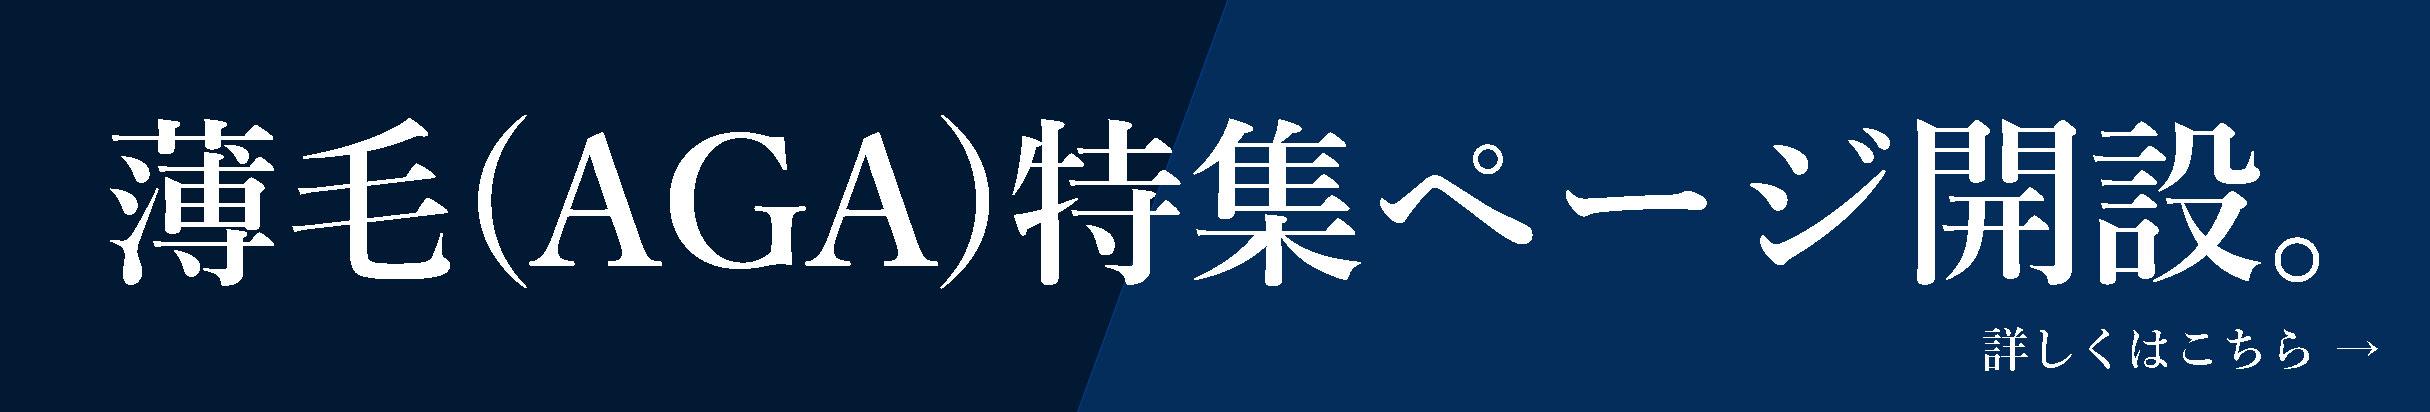 薄毛(AGA)特集ページ